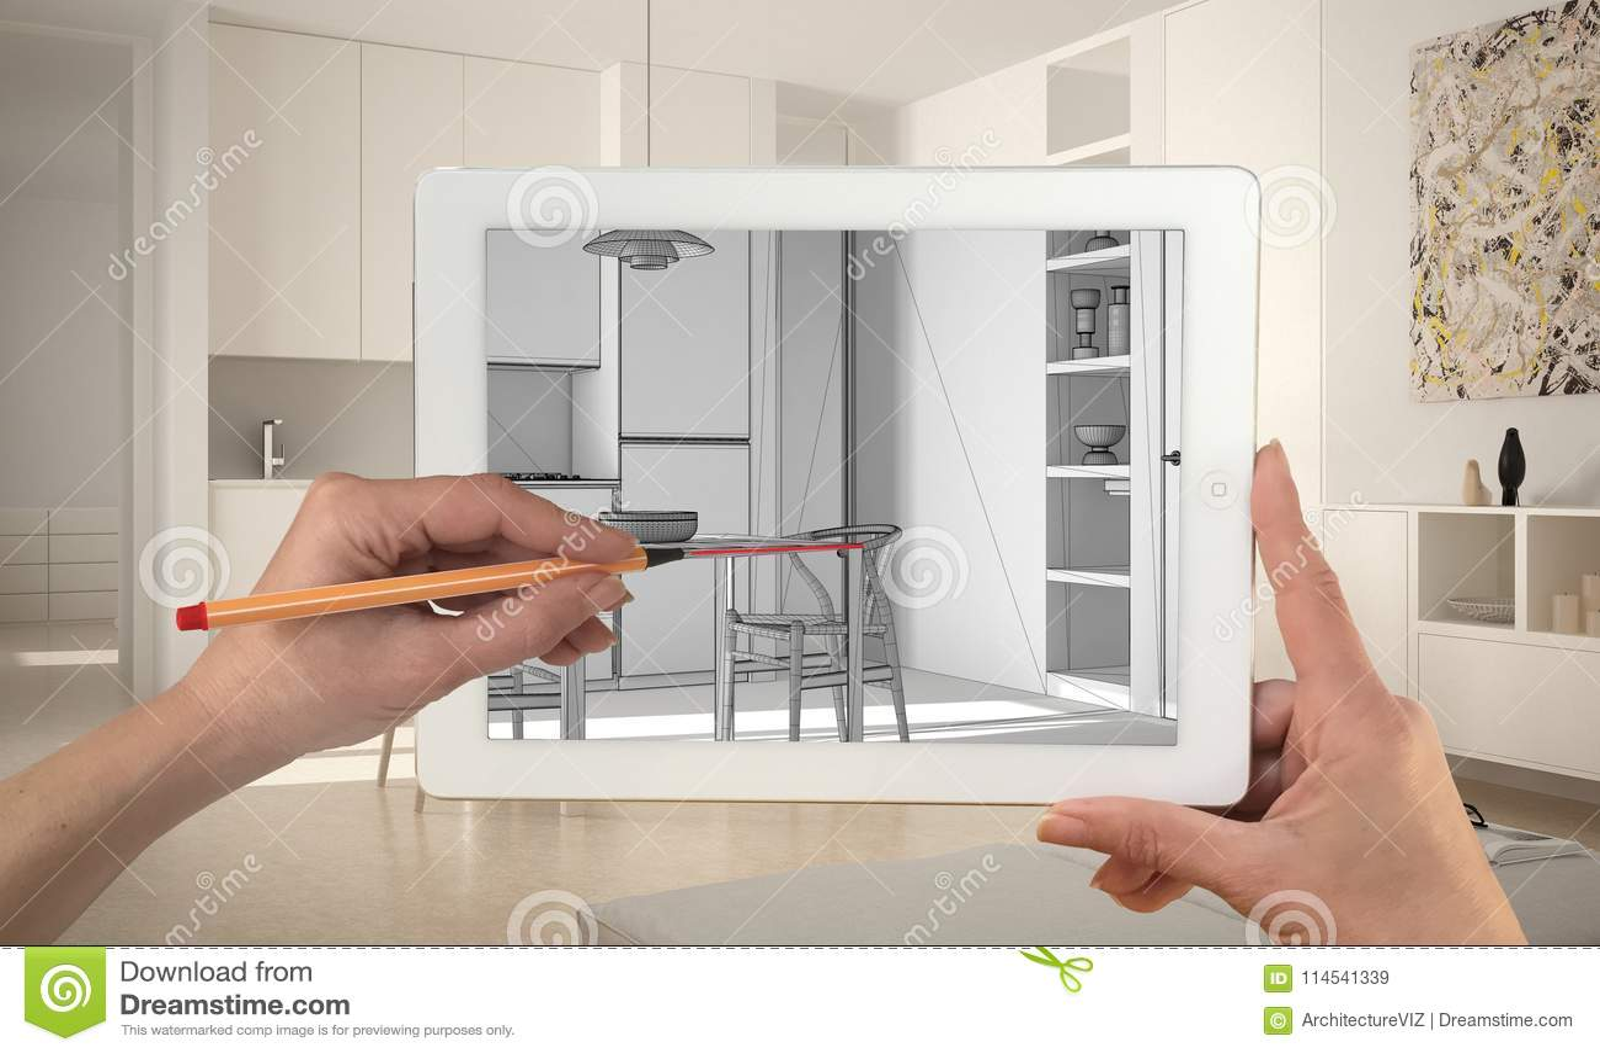 Hande Die Auf Die Tablette Zeigt Moderne Kuche Cad Skizze Halten